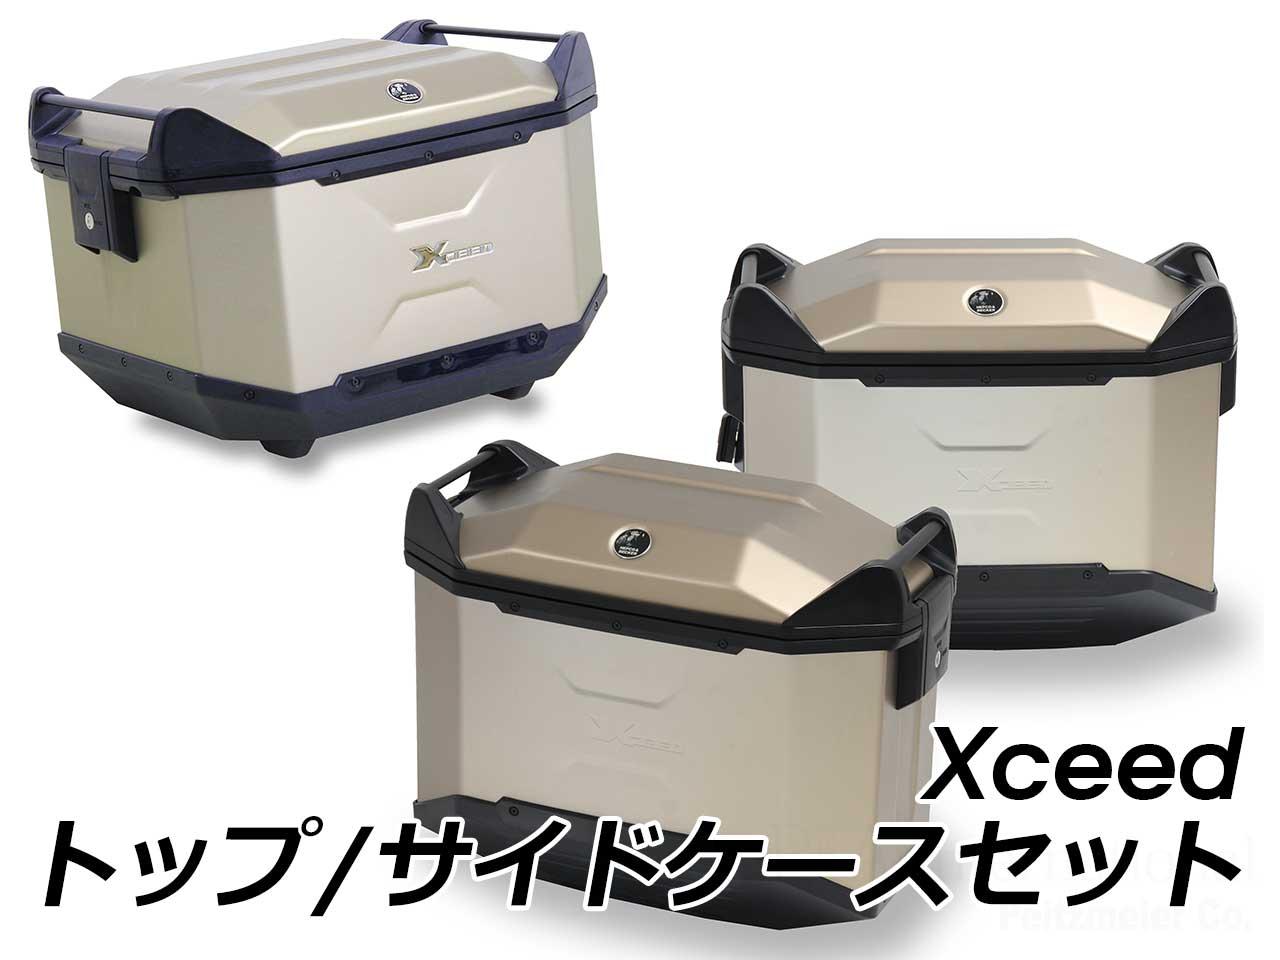 ヘプコ&ベッカー Xceed / エクシード トップケース / サイドケース 左右 セット